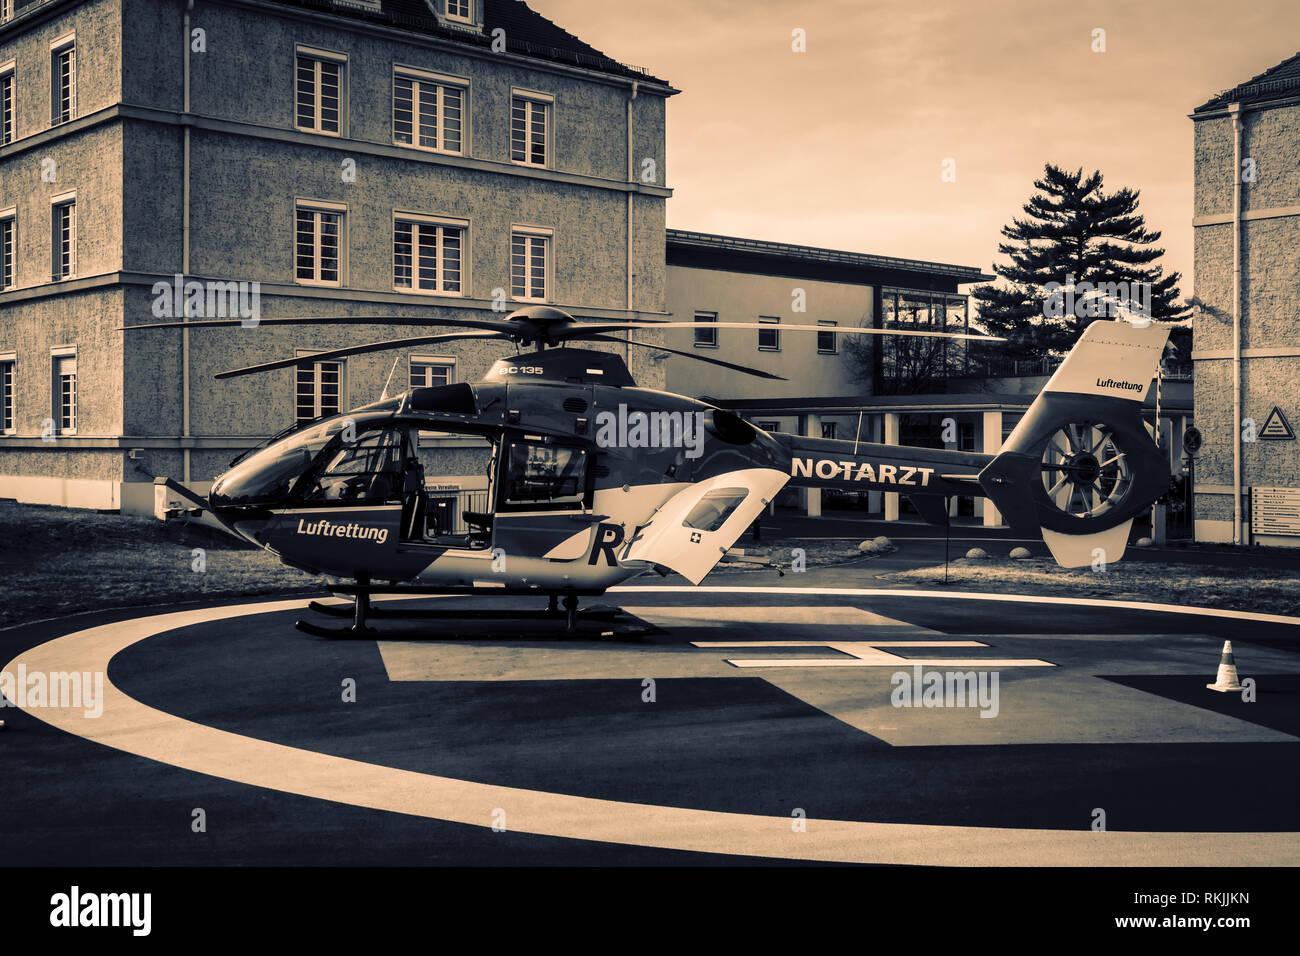 Rescue heli - Stock Image